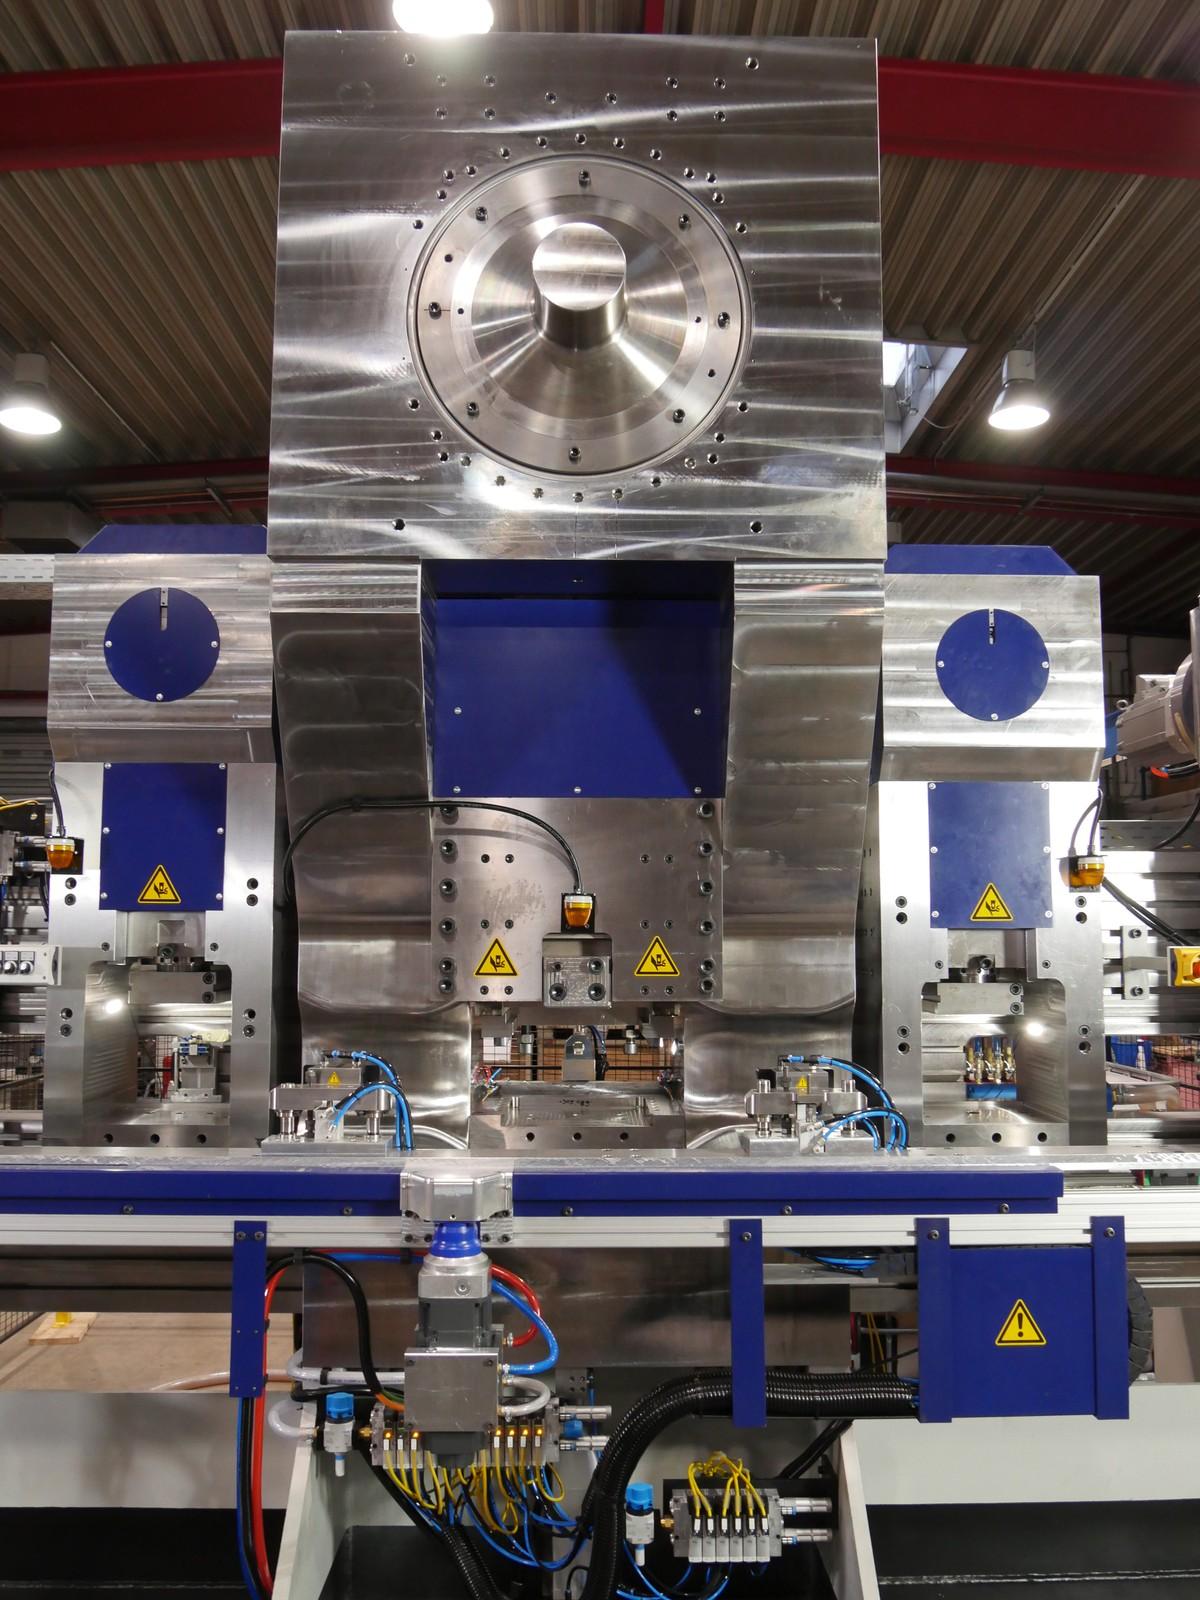 Die 7000-kN-Presse, eingerahmt von zwei 600 kN Pressen.